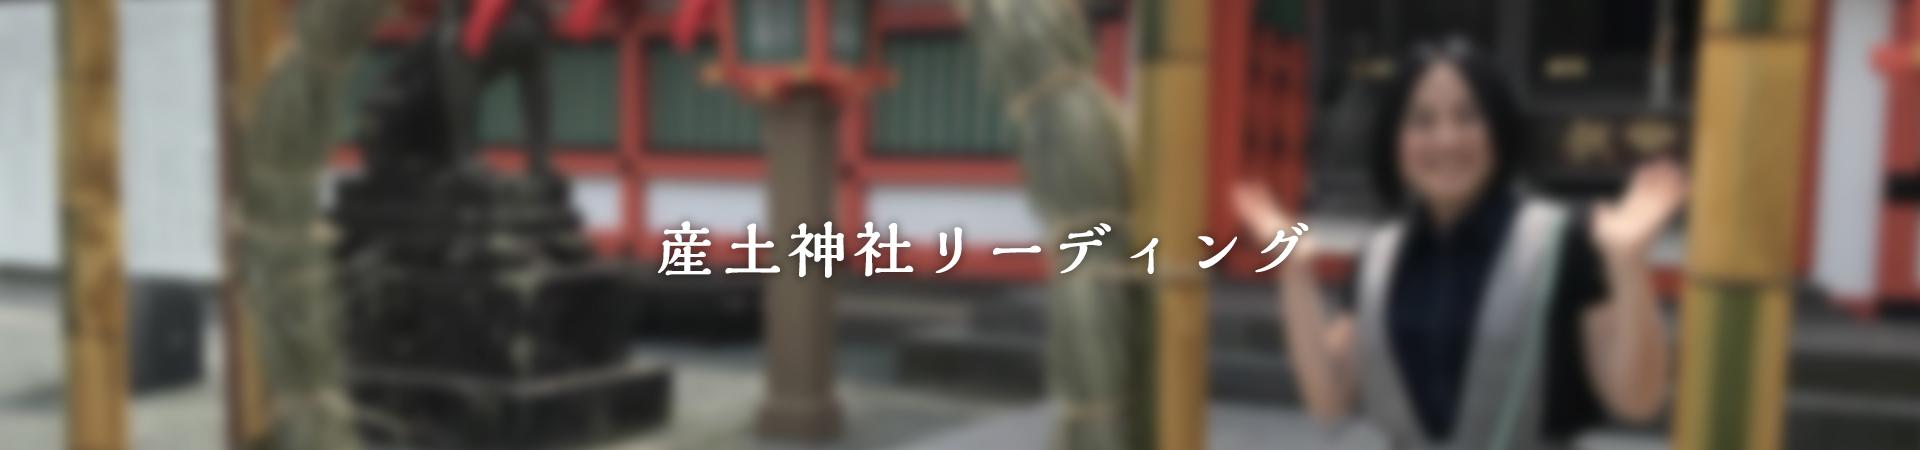 産土神社リーディング